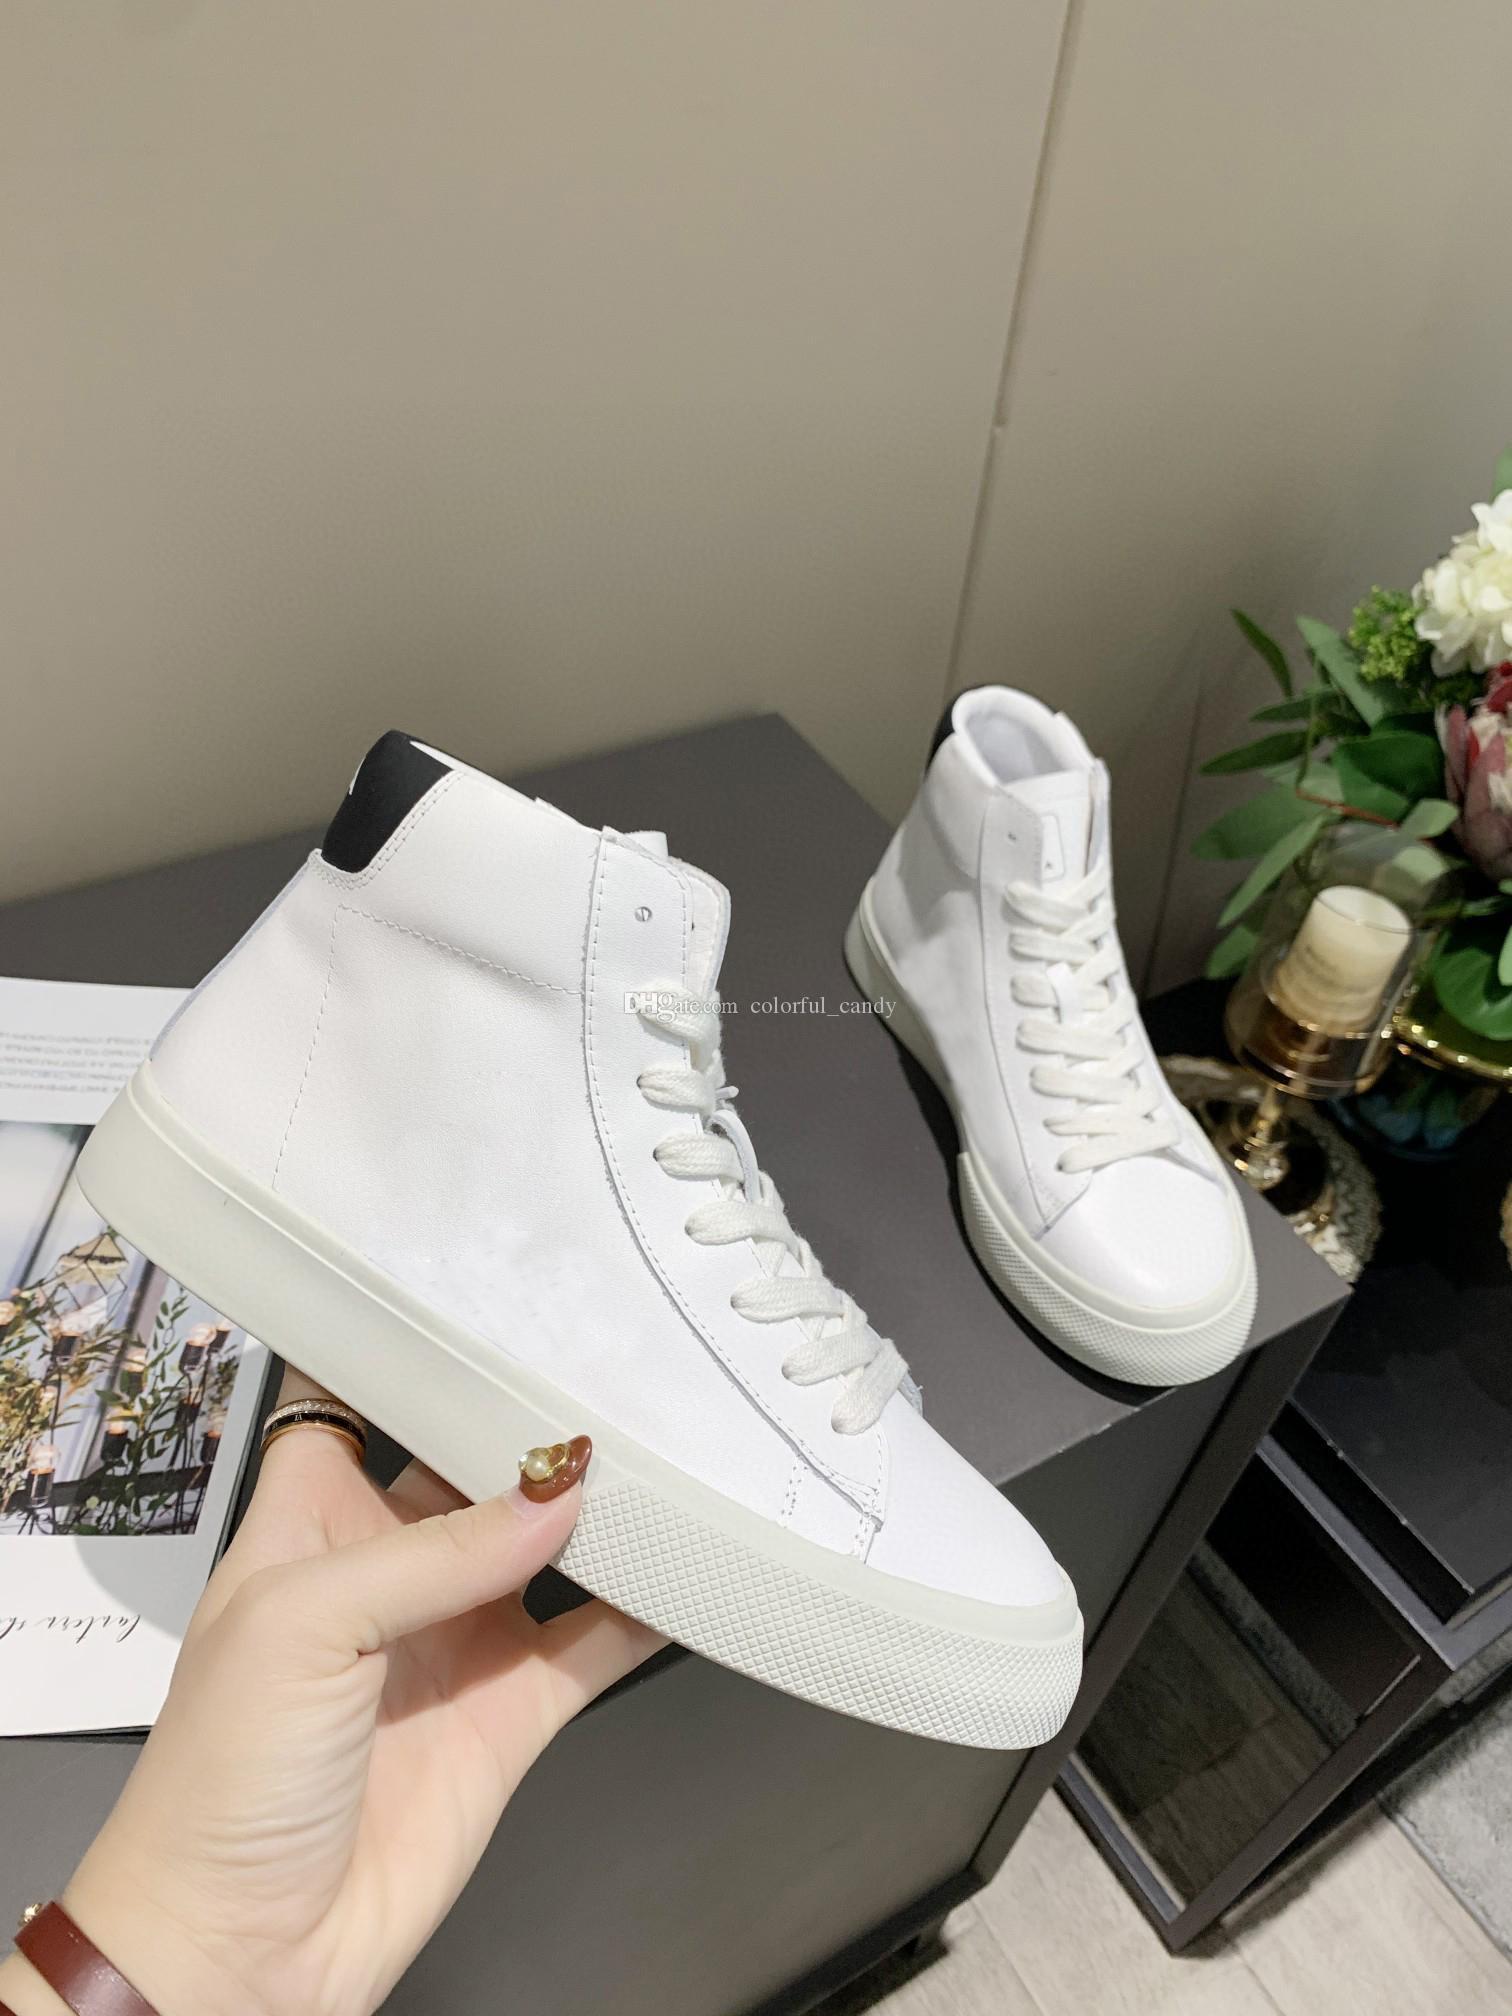 2021 Moda Sneakers Erkek Bayan Higt Üst V Mektup Beyaz Rahat Ayakkabılar Tasarımcı Lüks Spor Eğitmen Parti Ayakkabı